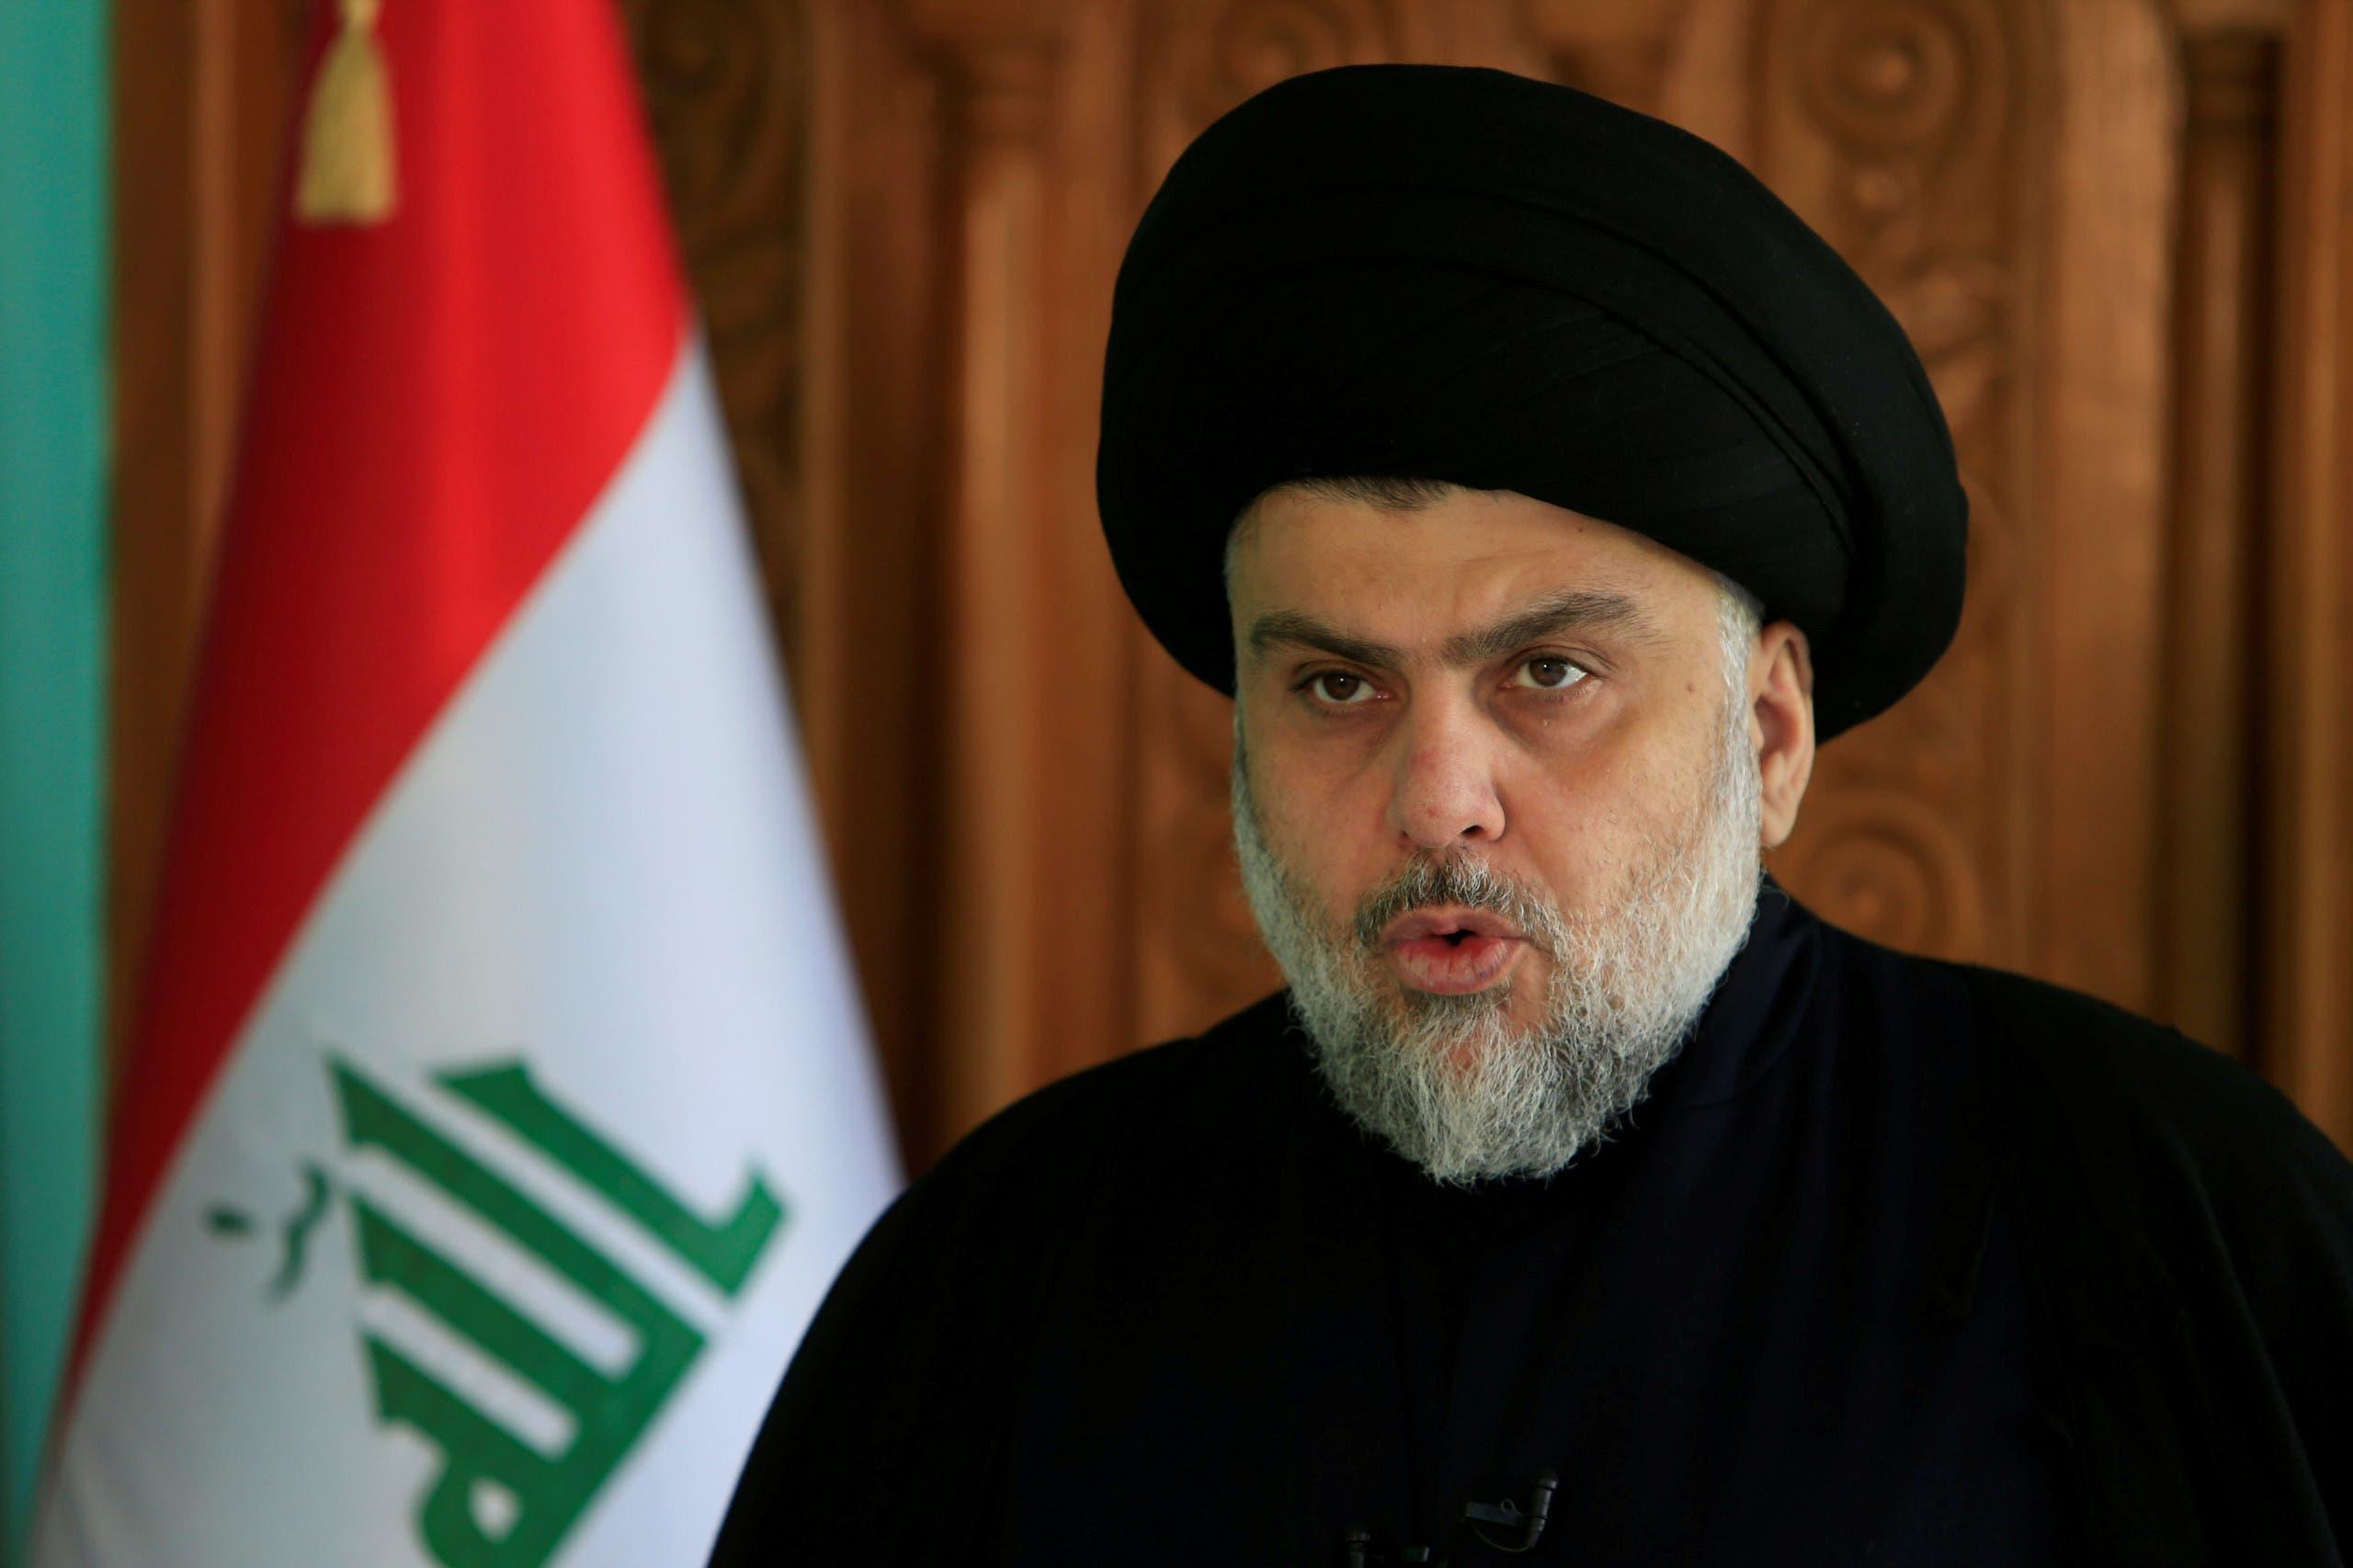 Muqtada al-Sadr delivers a speech in Najaf, Iraq, on December 11, 2017. (Reuters)